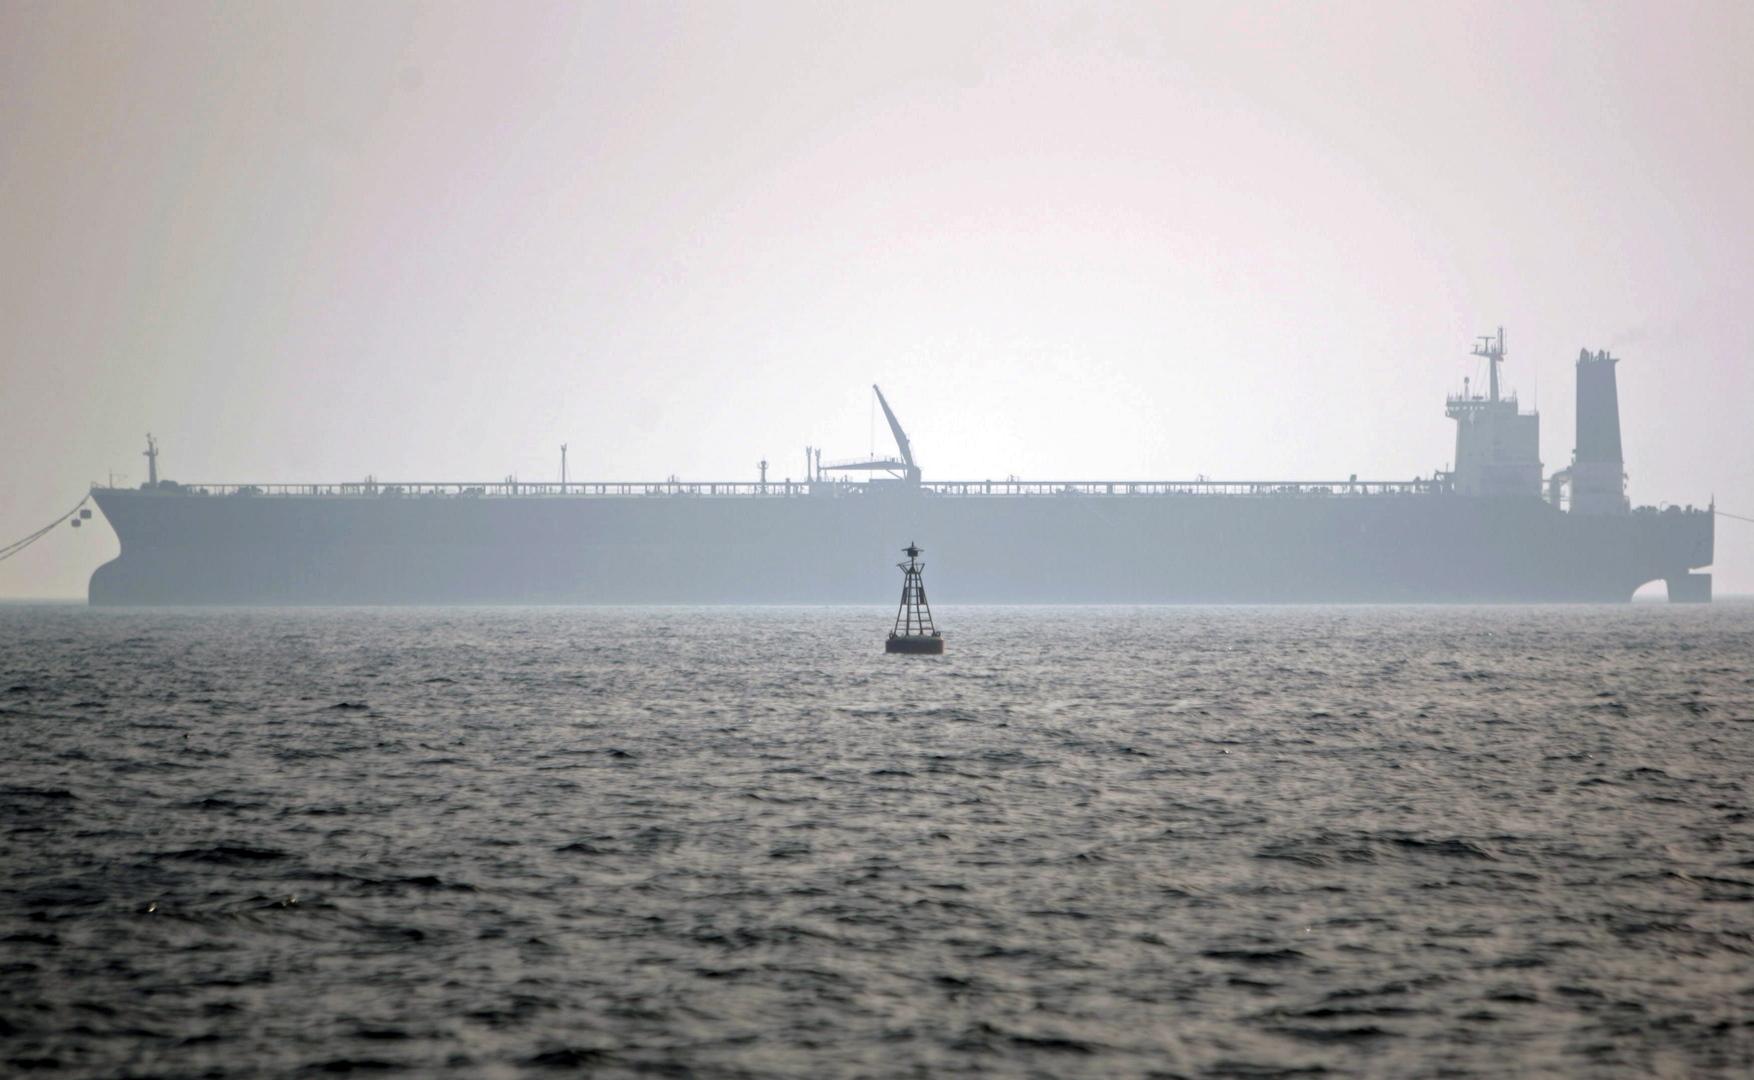 تابعة لشركة إسرائيلية.. تفاصيل الانفجار الغامض بسفينة تجارية في خليج عمان